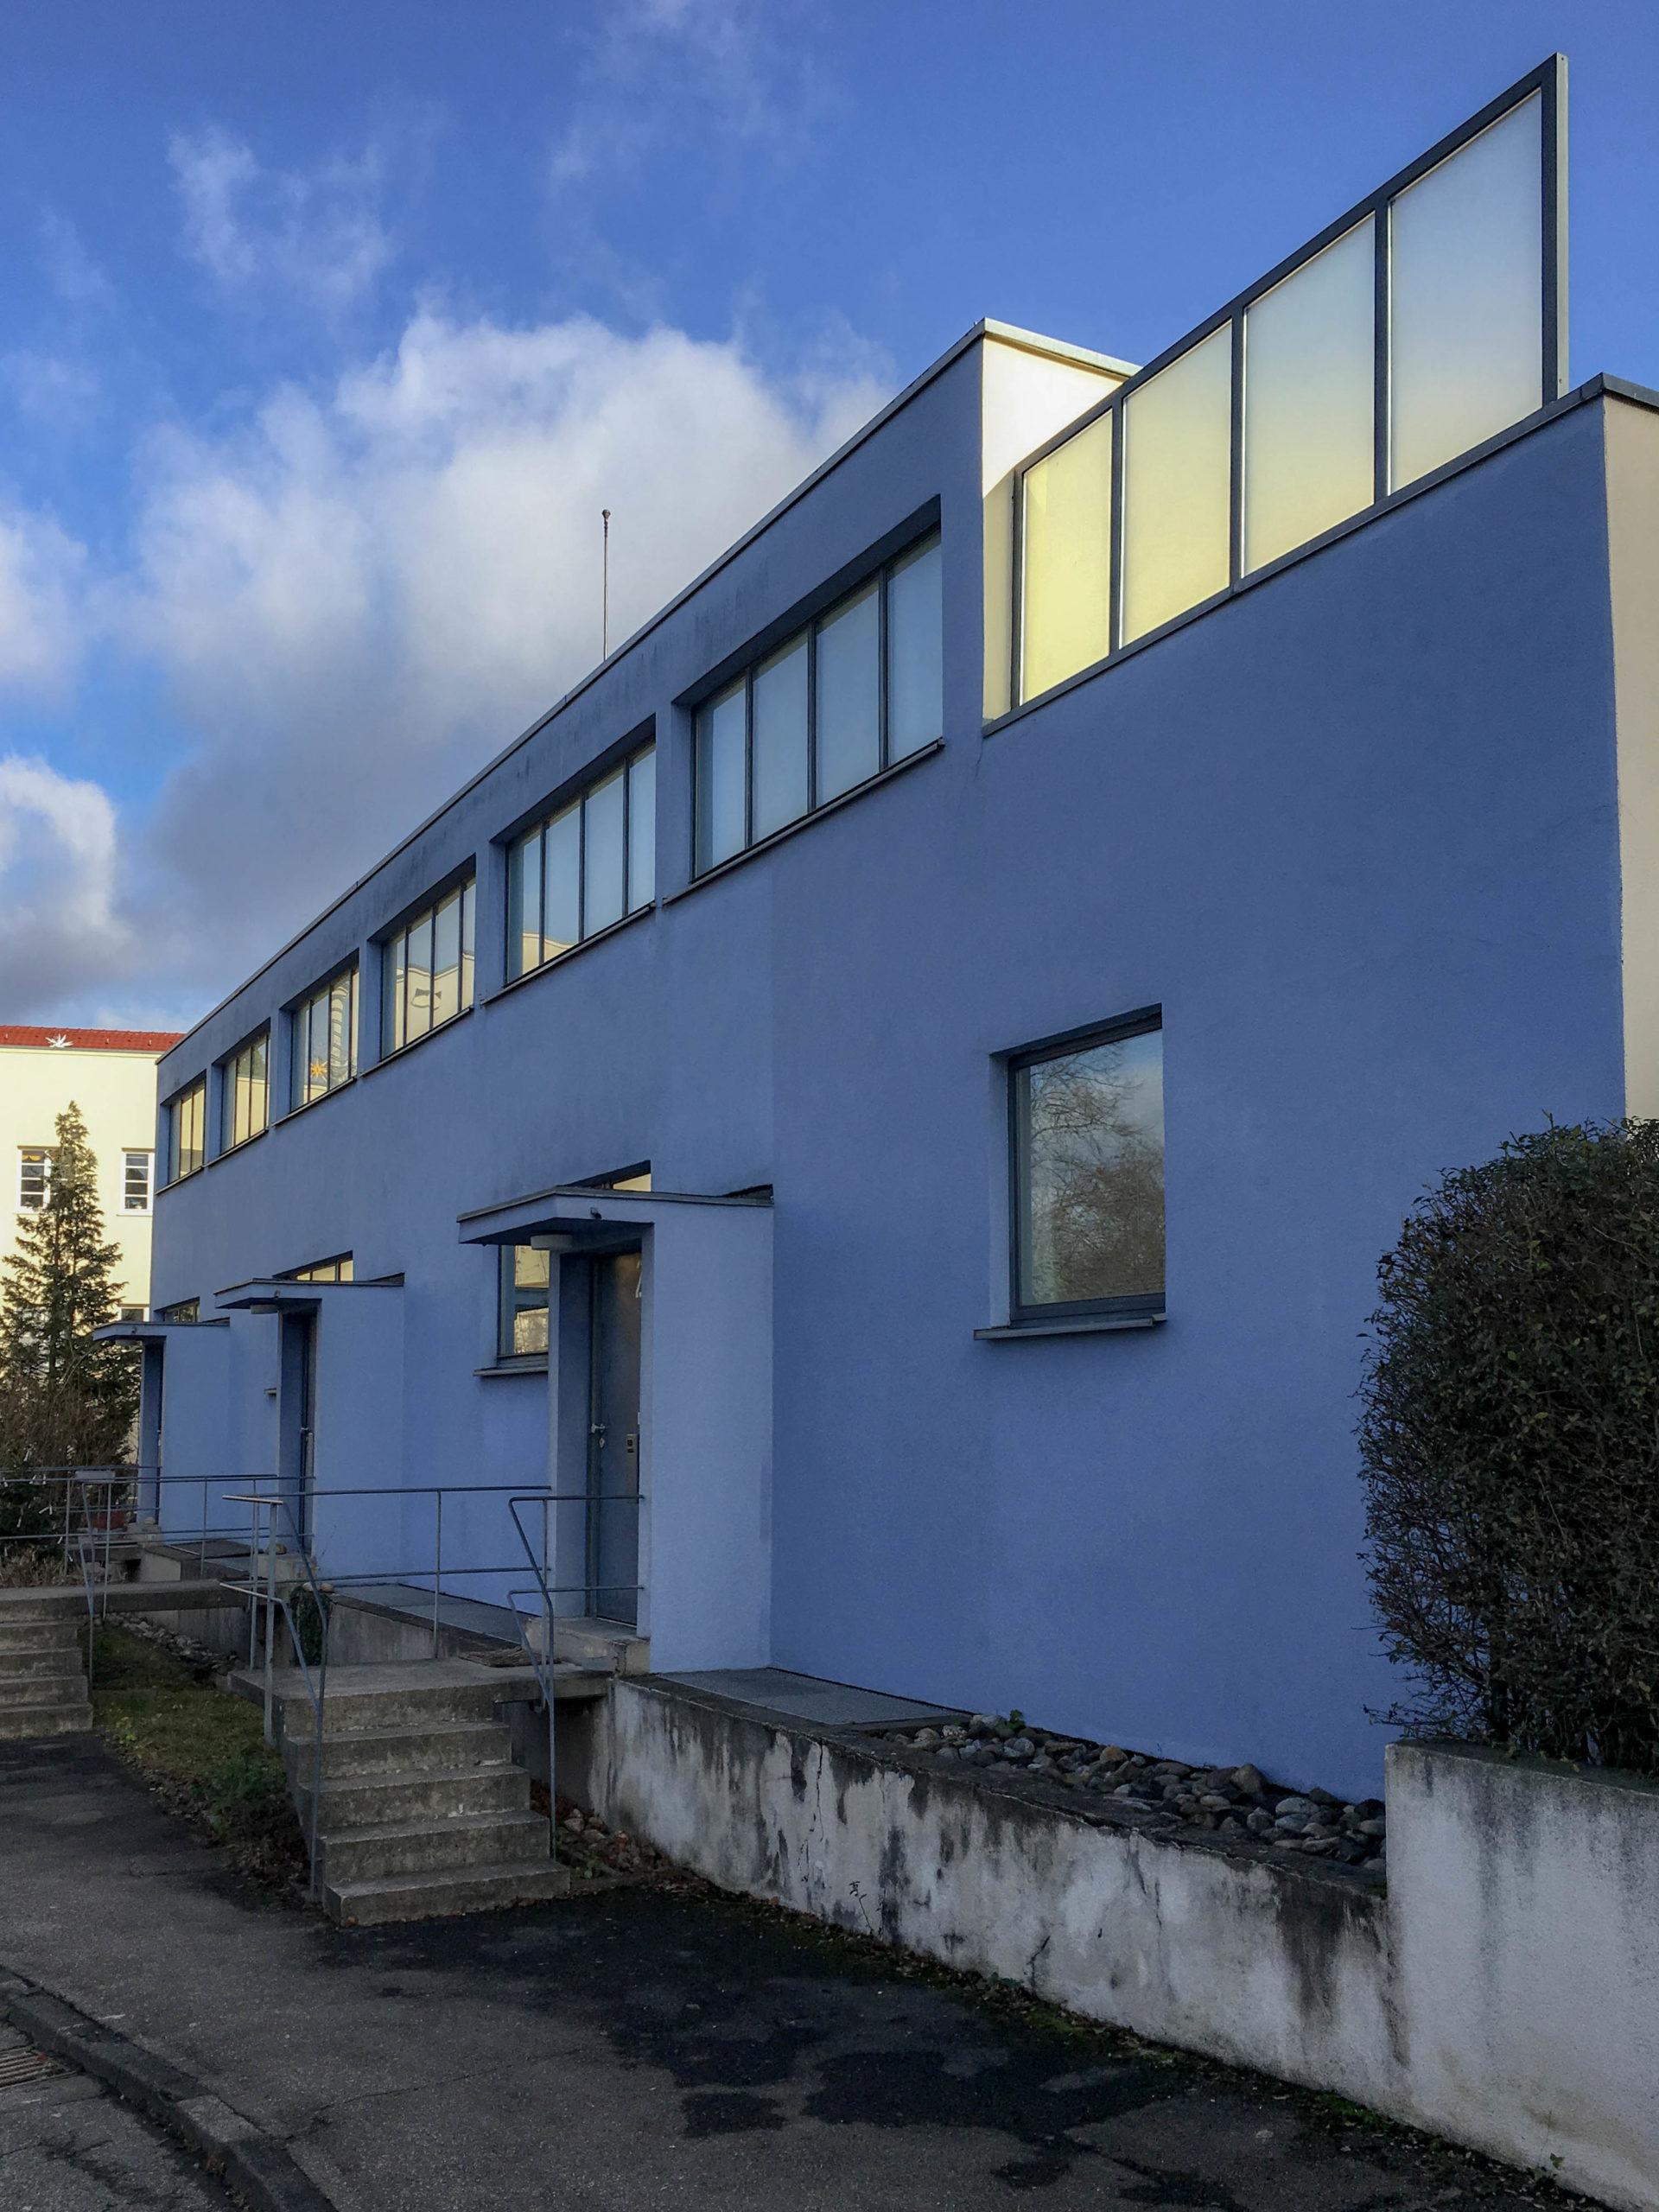 Reihenhäuser, 1927. Architekt: Mart Stam